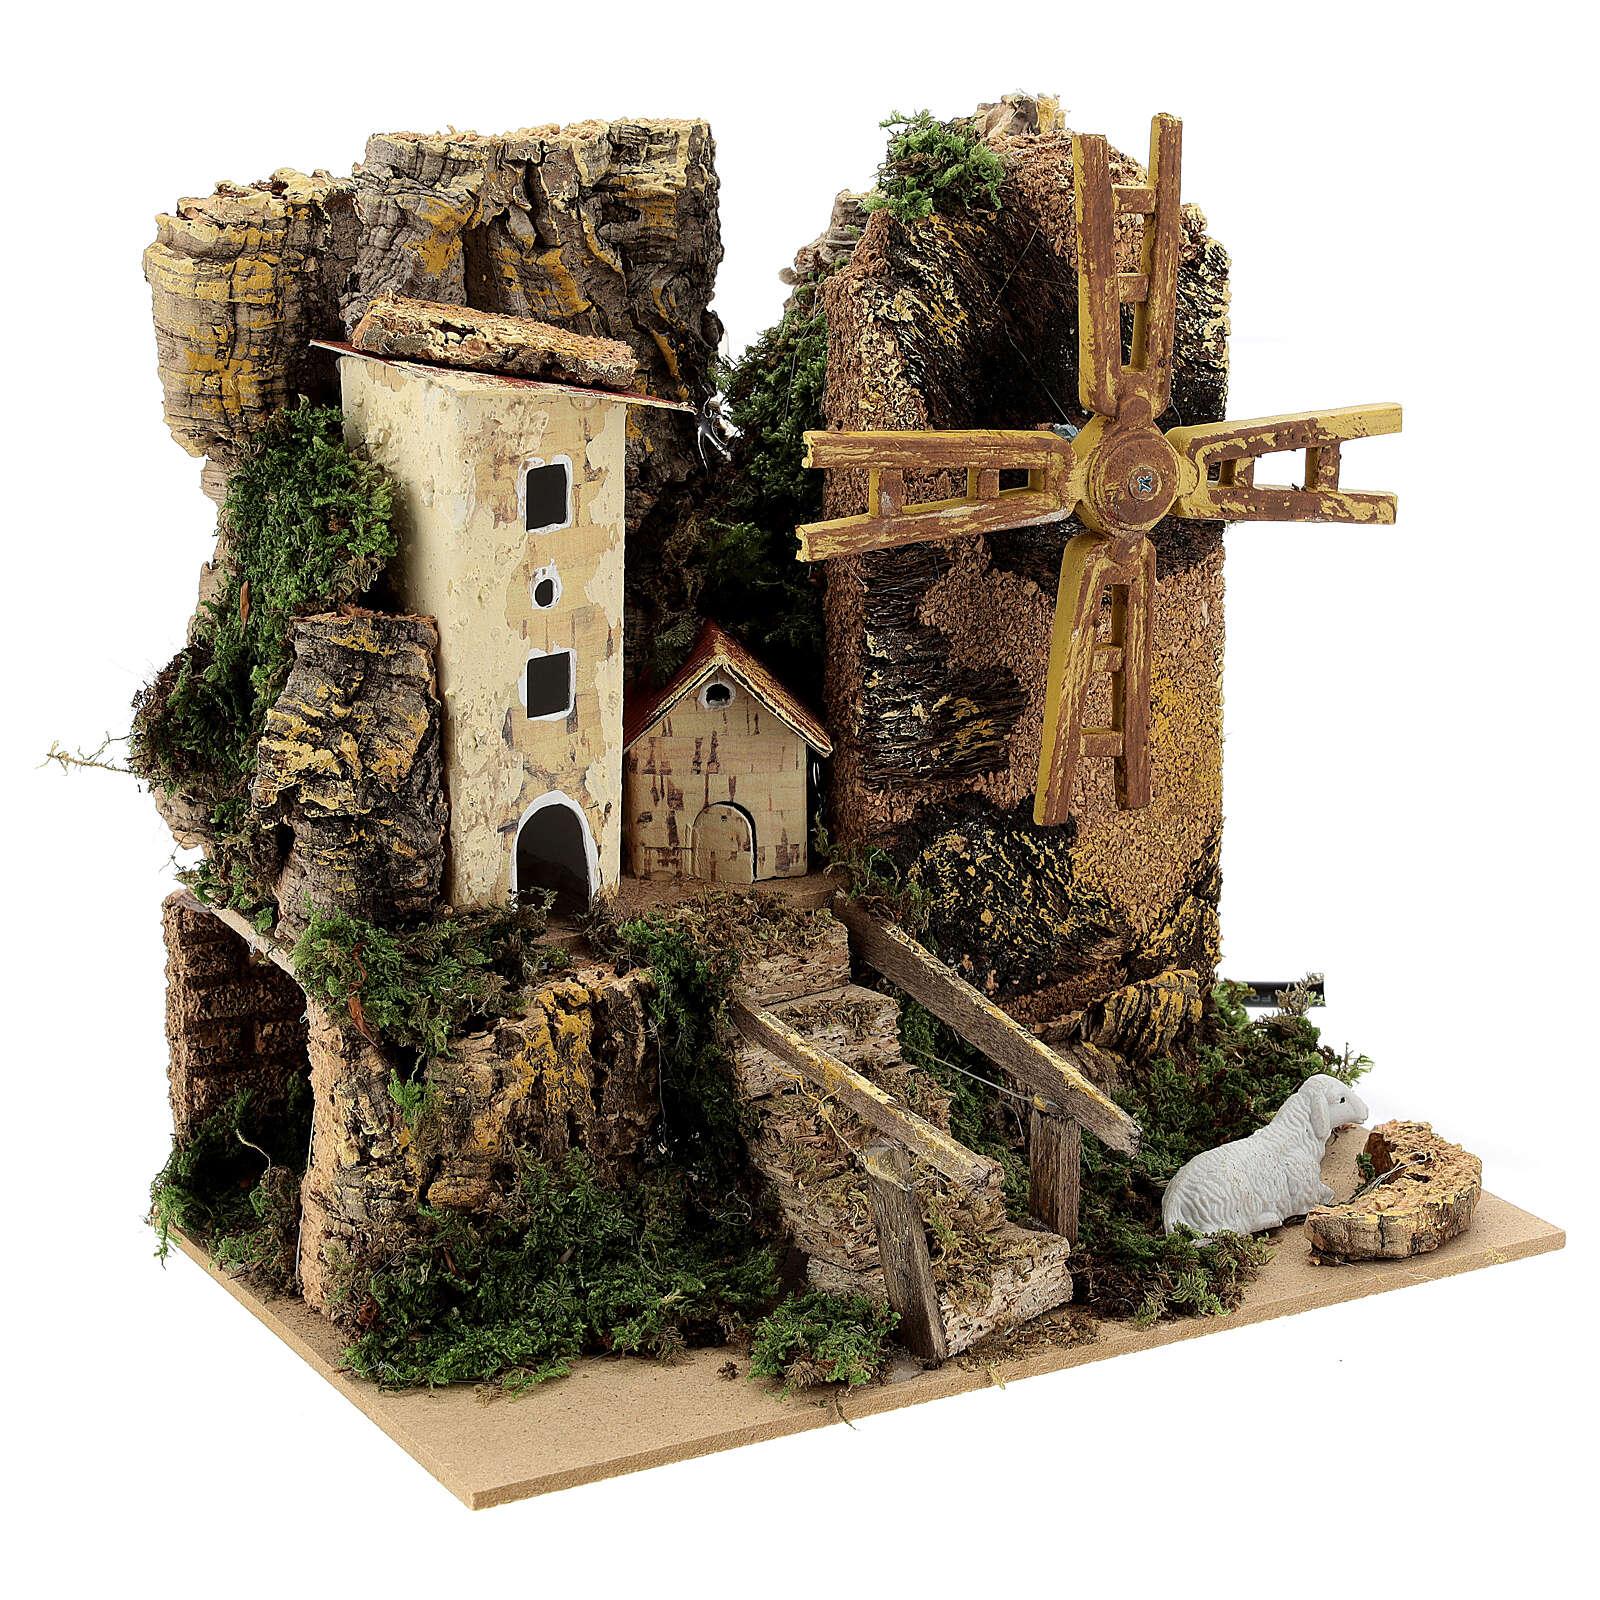 Windmill cottage 20x15x20 cm movement 4